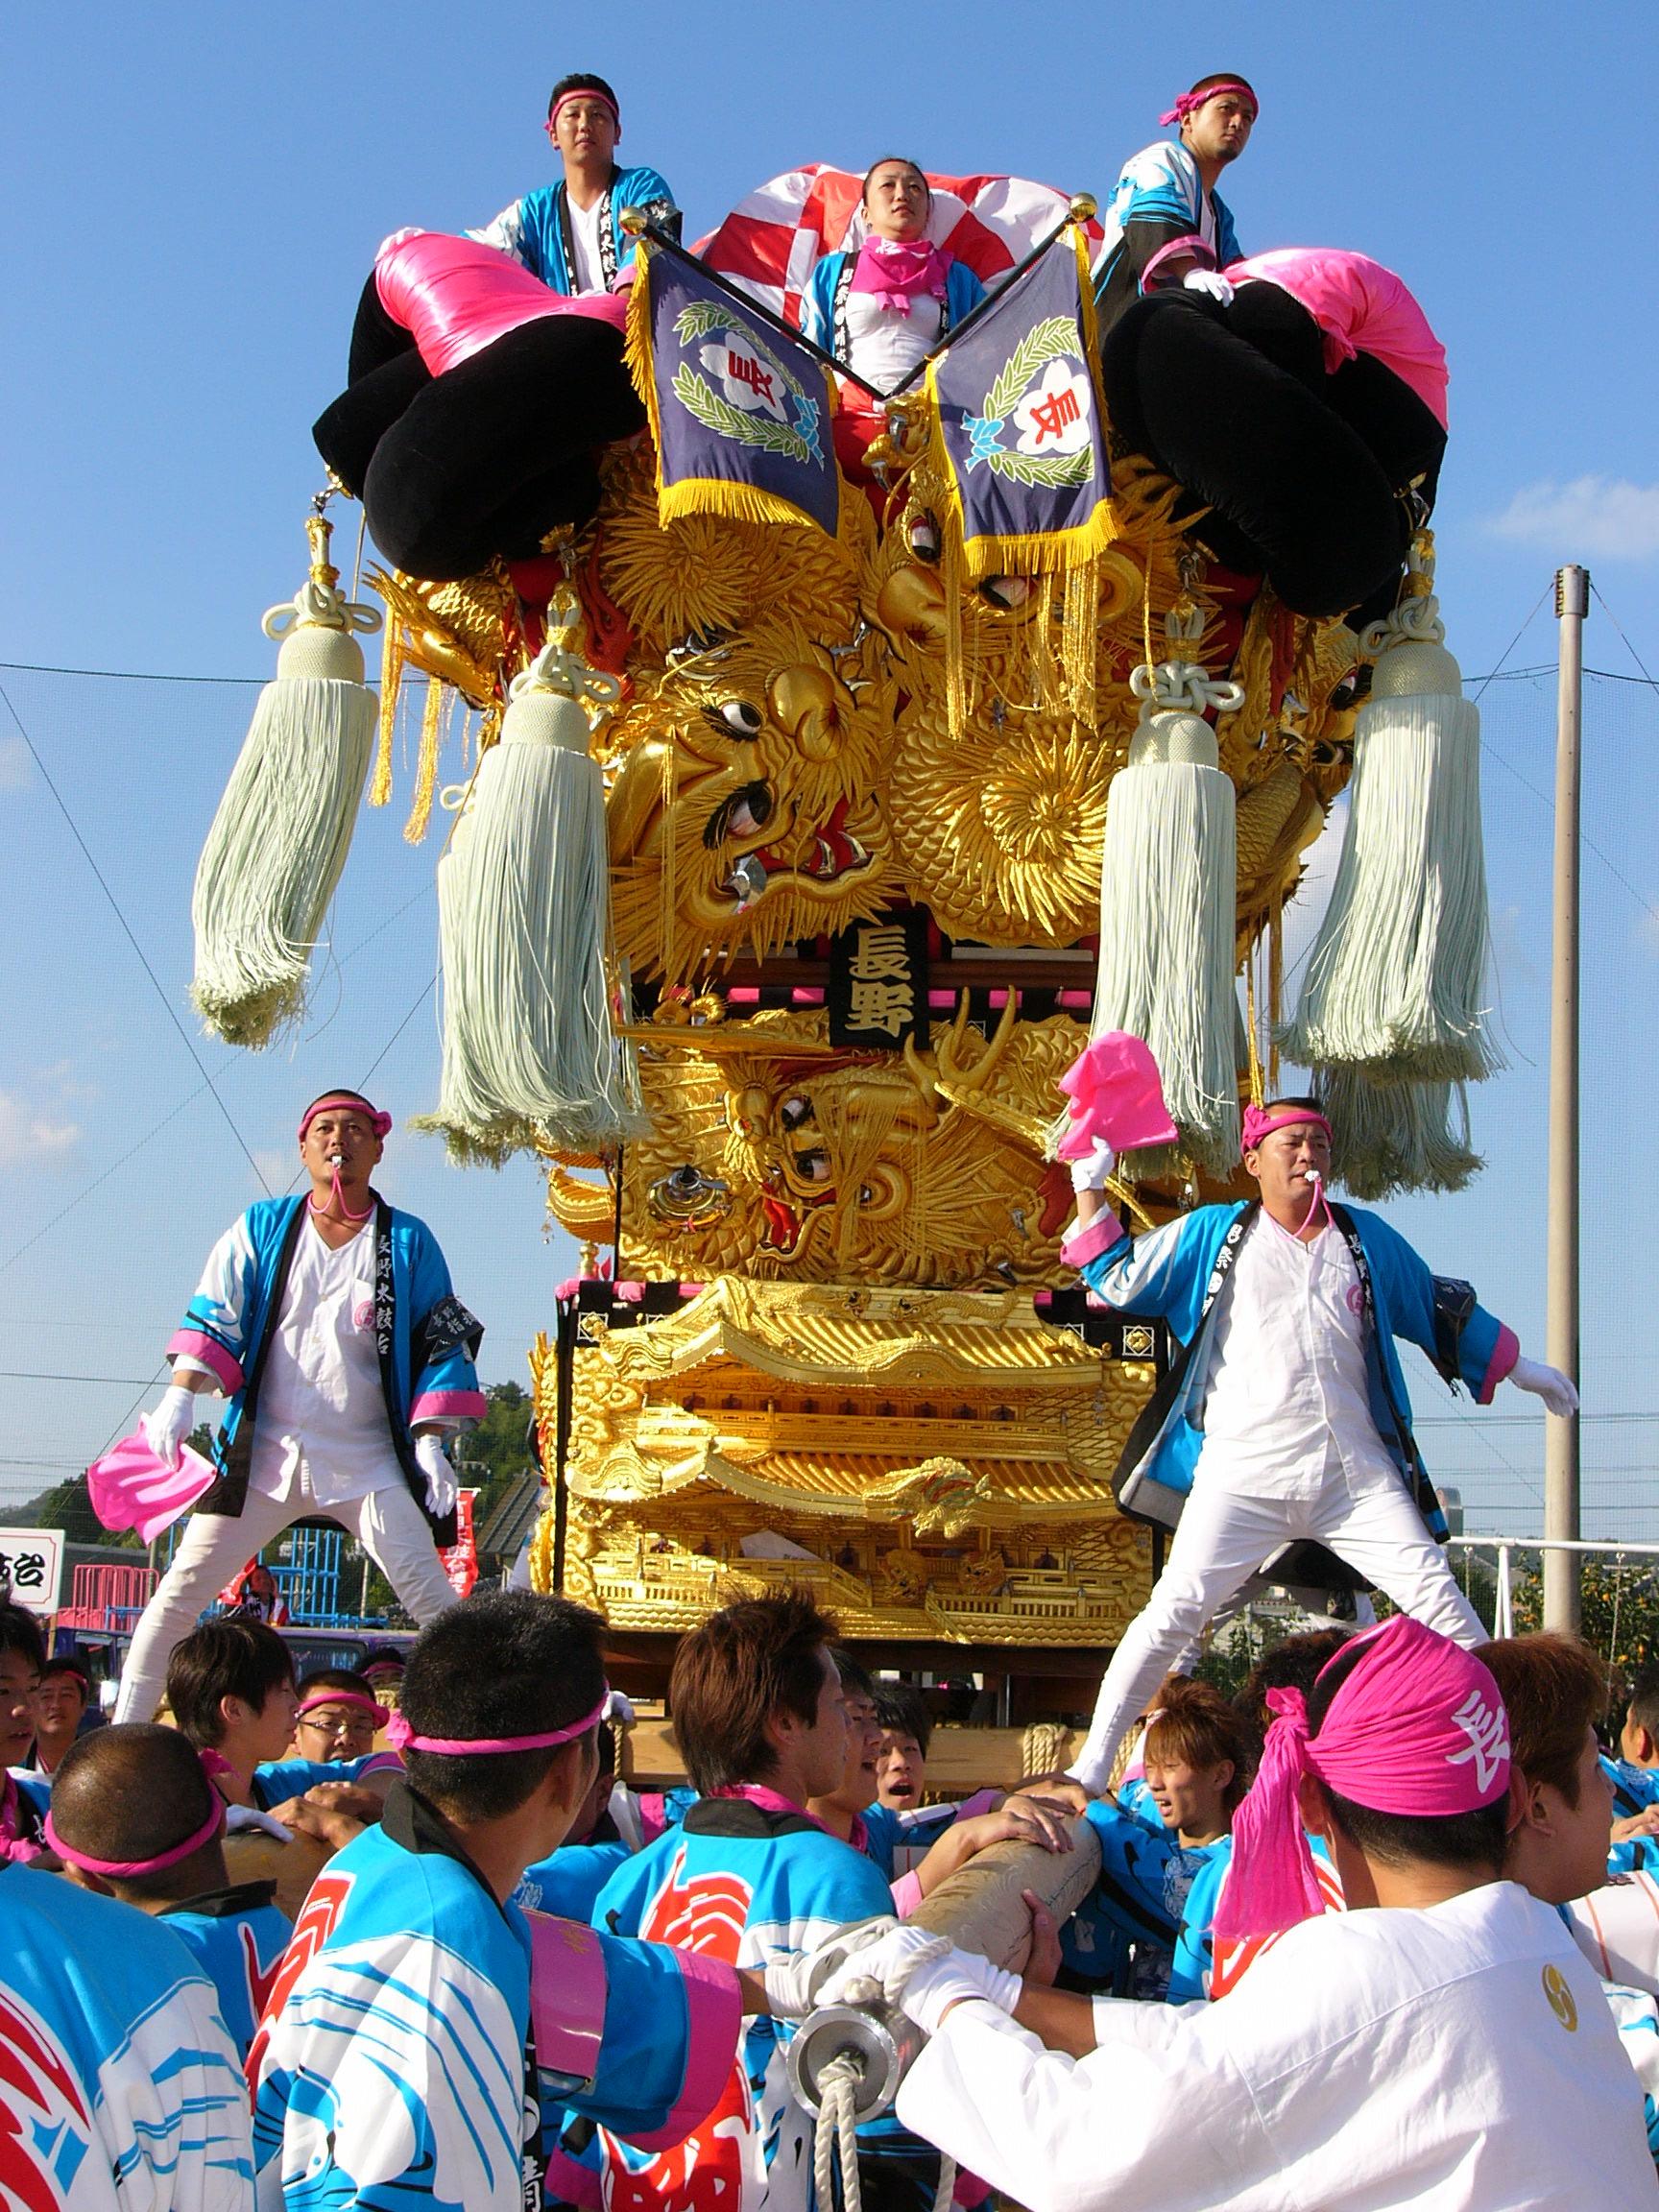 新居浜太鼓祭りの見どころは?おすすめスポットと日程は?掲示板が話題!